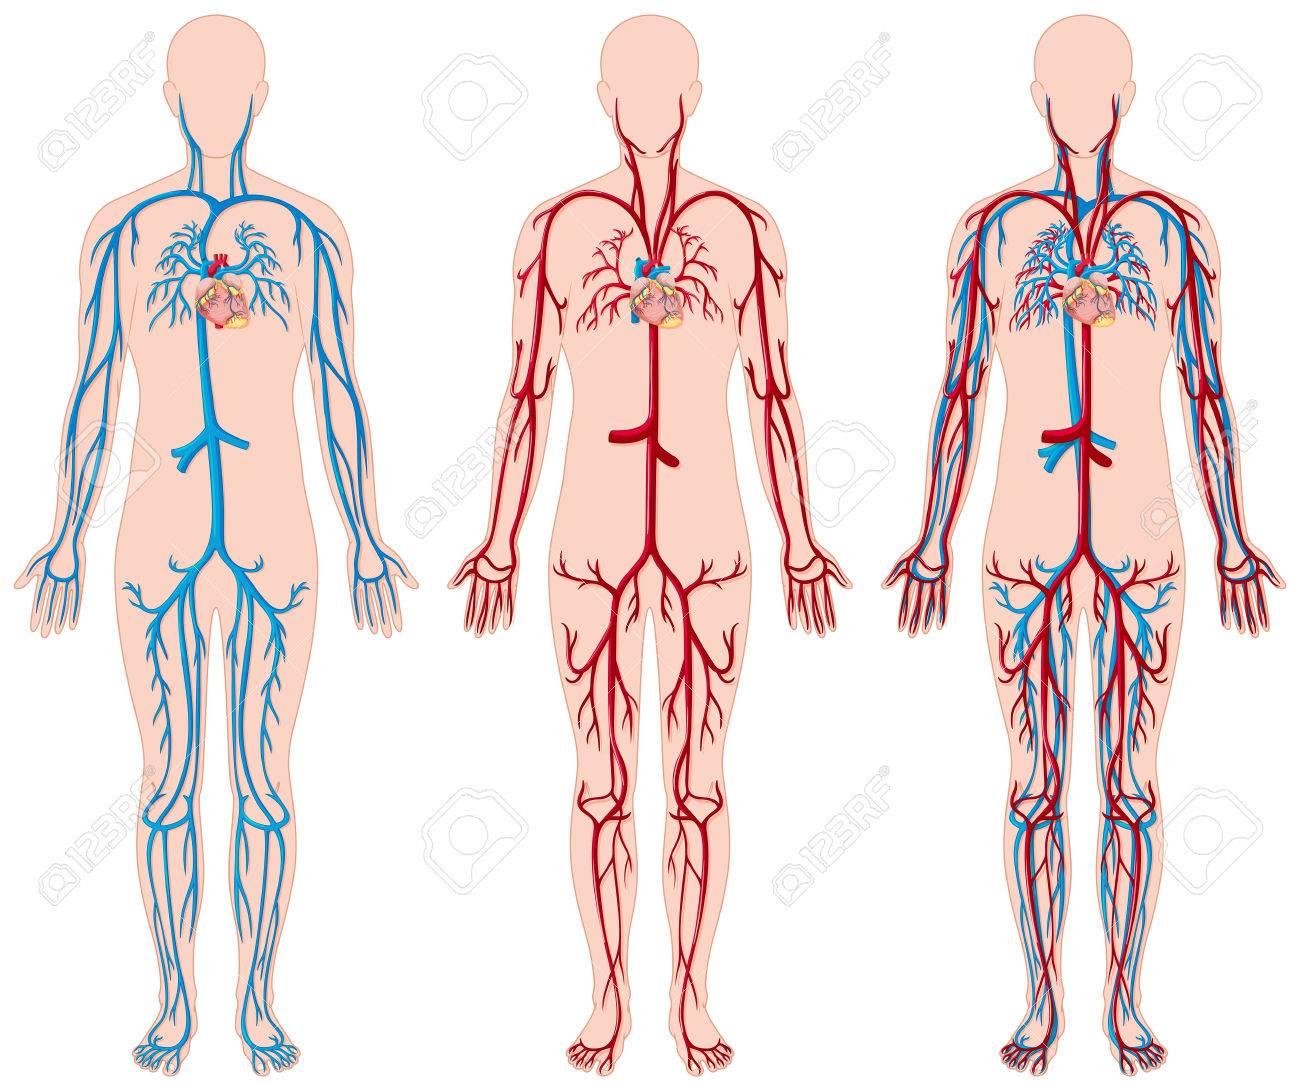 Diagrama Diferente De Los Vasos Sanguíneos En La Ilustración Humana ...